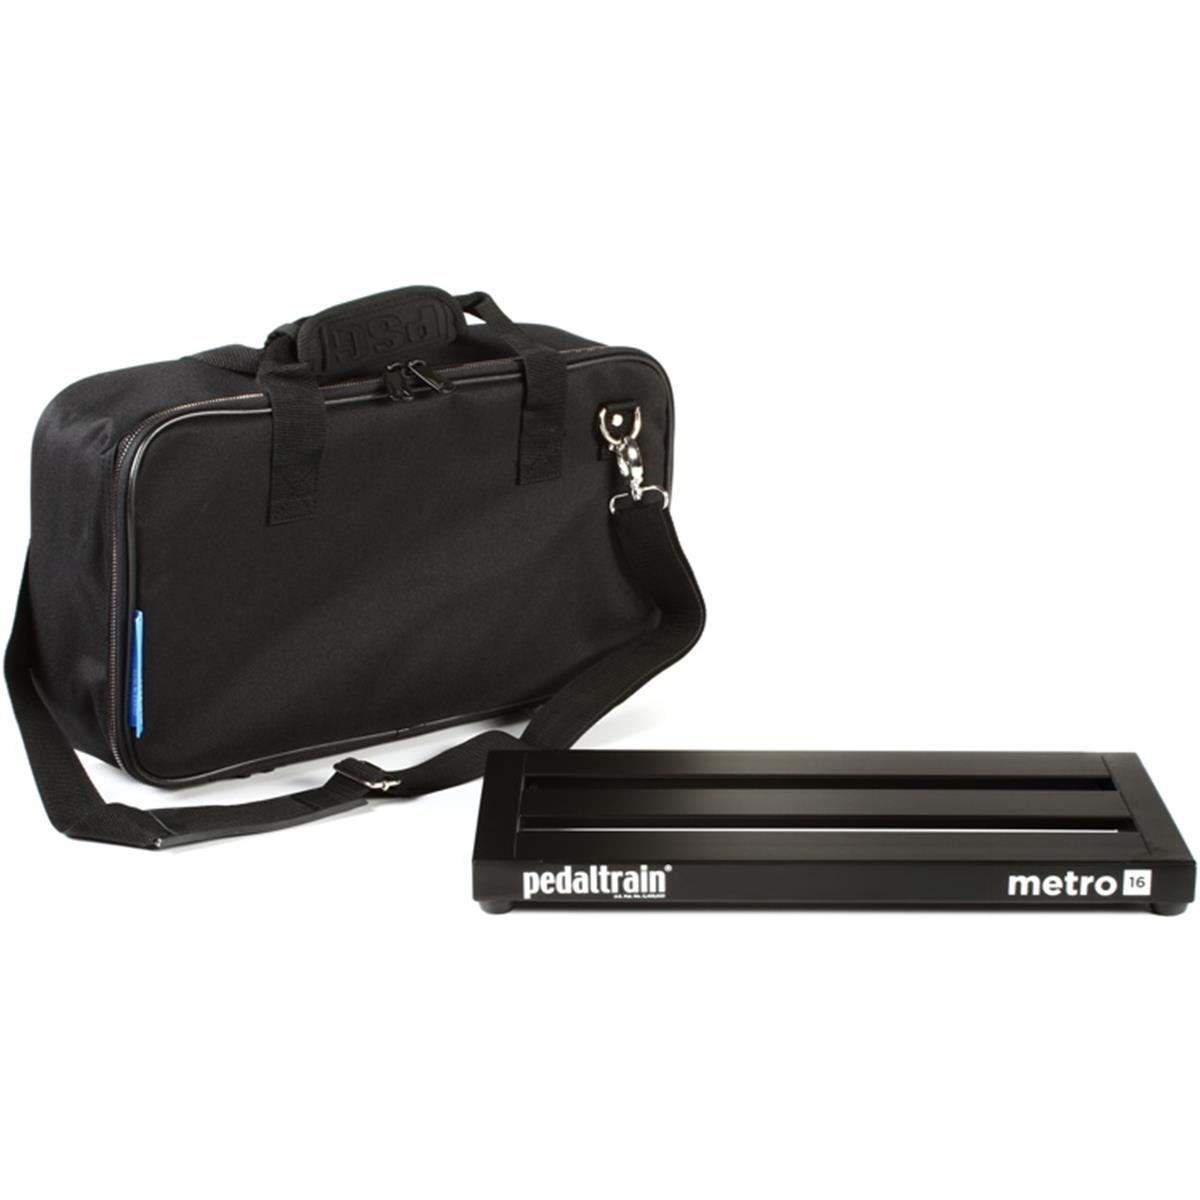 PEDALTRAIN METRO 16 SOFT CASE PEDALBOARD  pedal board